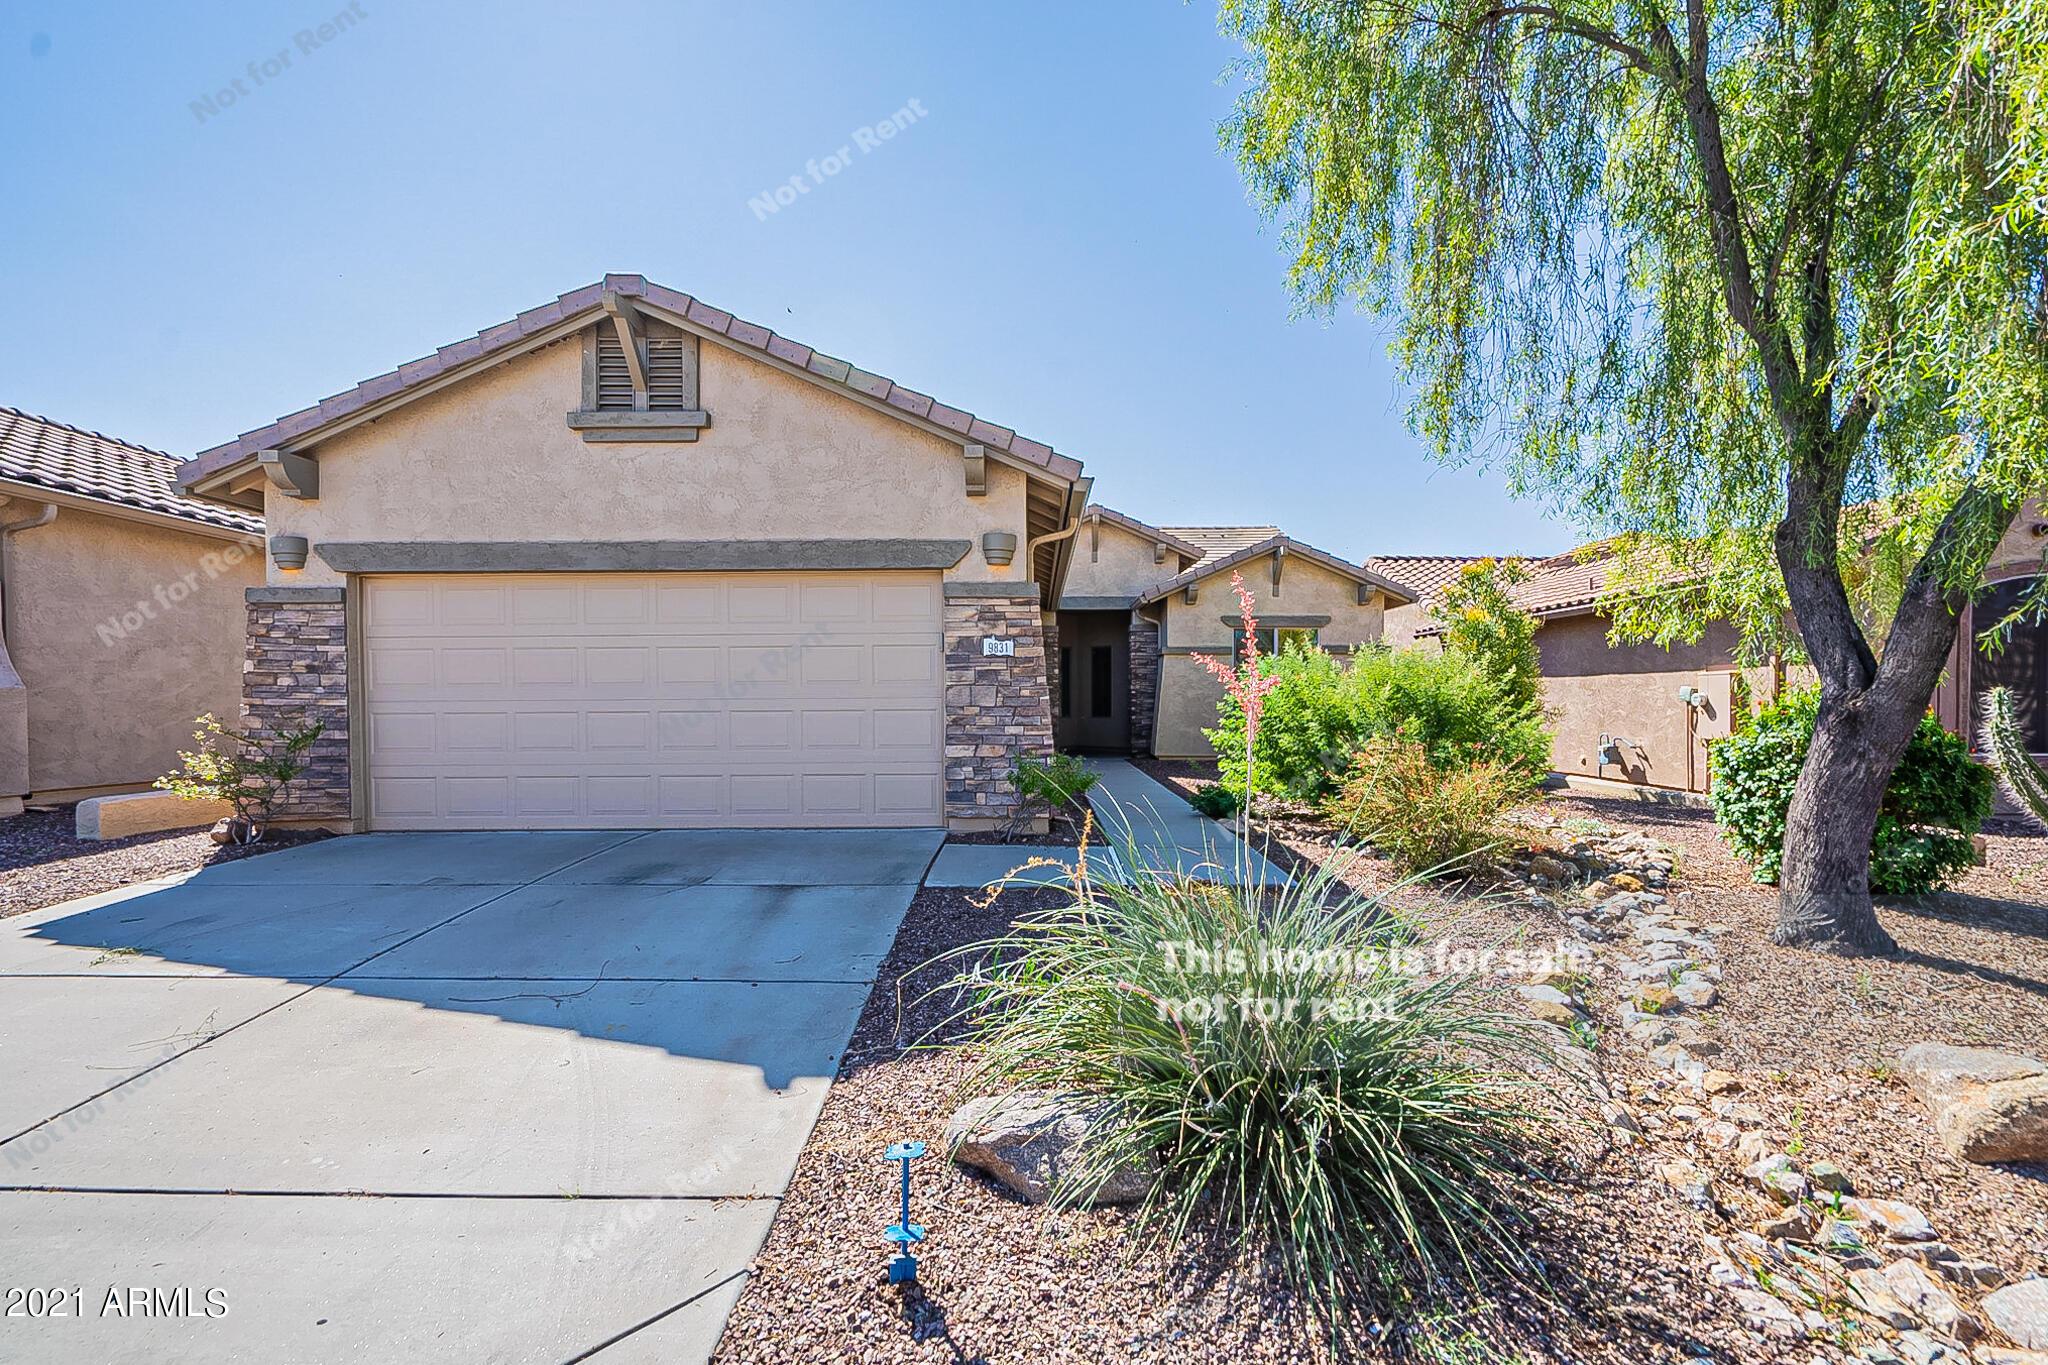 9831 E PROSPECTOR Drive, Gold Canyon, AZ 85118, 2 Bedrooms Bedrooms, ,Residential,For Sale,9831 E PROSPECTOR Drive,6302874